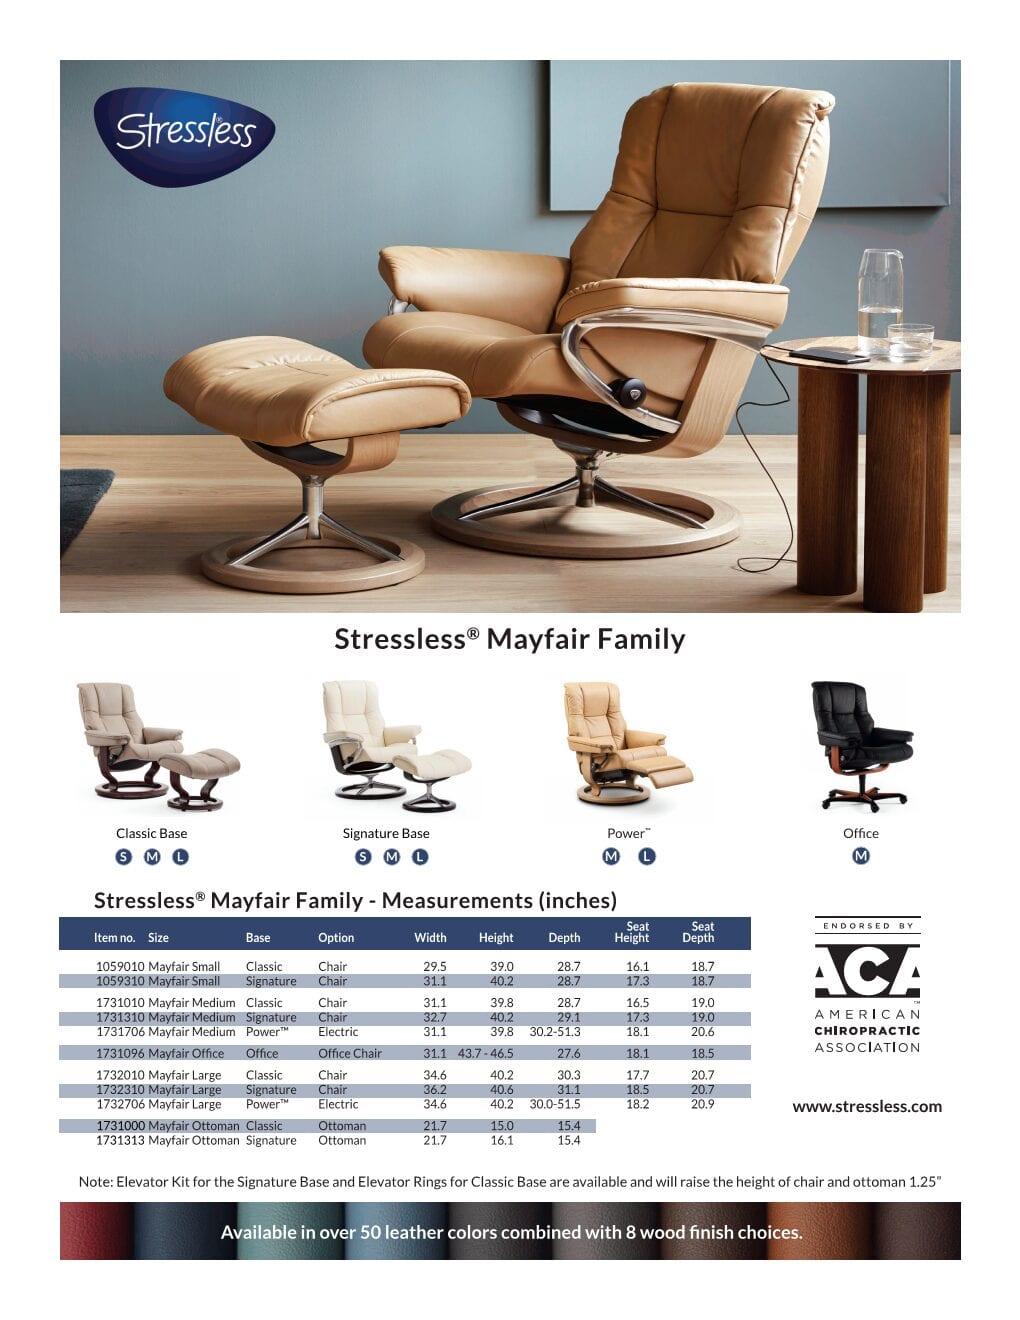 Stressless Mayfair Recliner Product Sheet